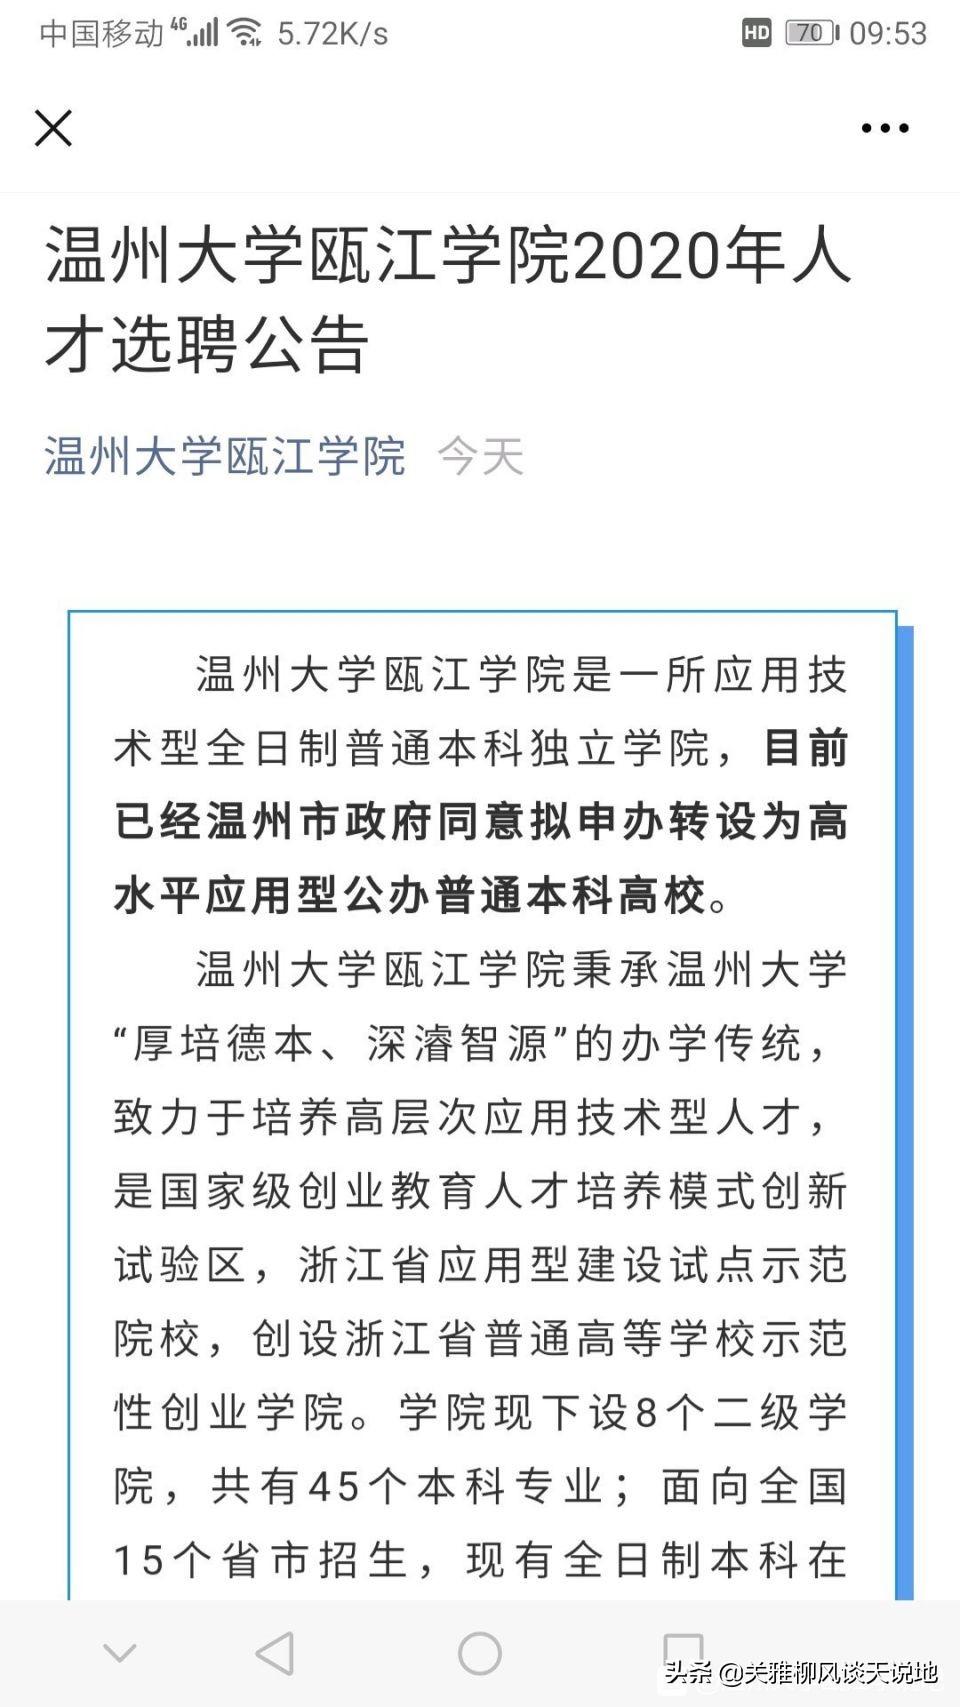 明年民办独立学院申请转设公办院校的资讯汇集一)